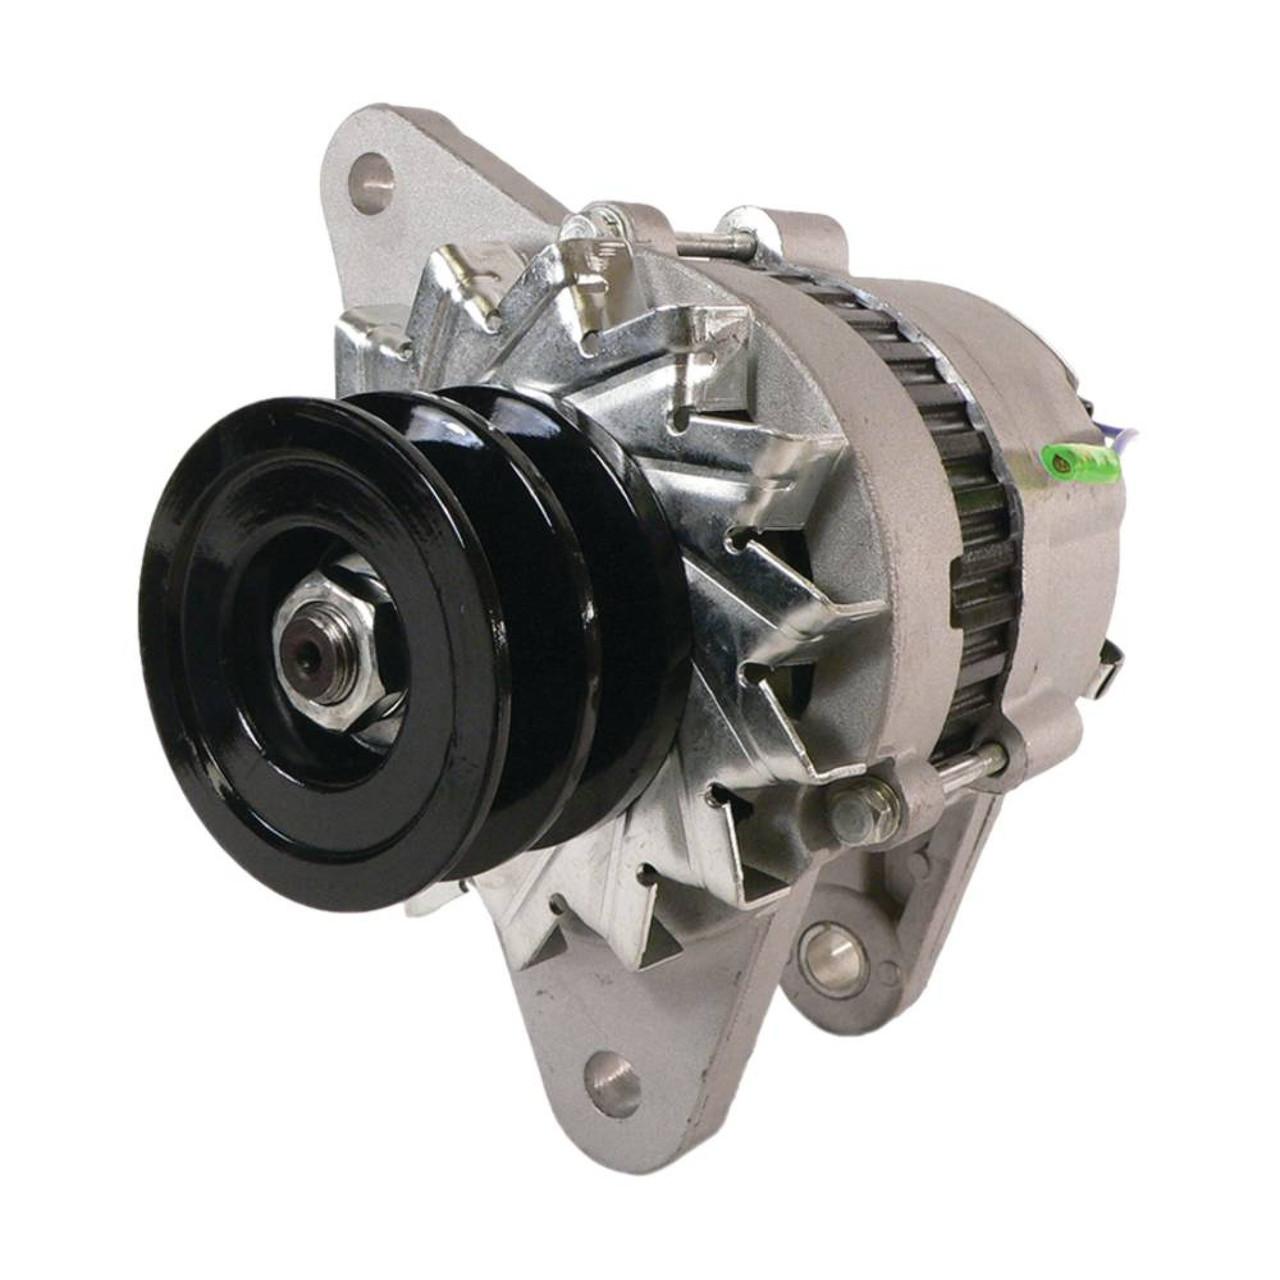 Alternator for Komatsu D20-7 Dozer, D20A-6 Dozer-33000-6000, 1812003650